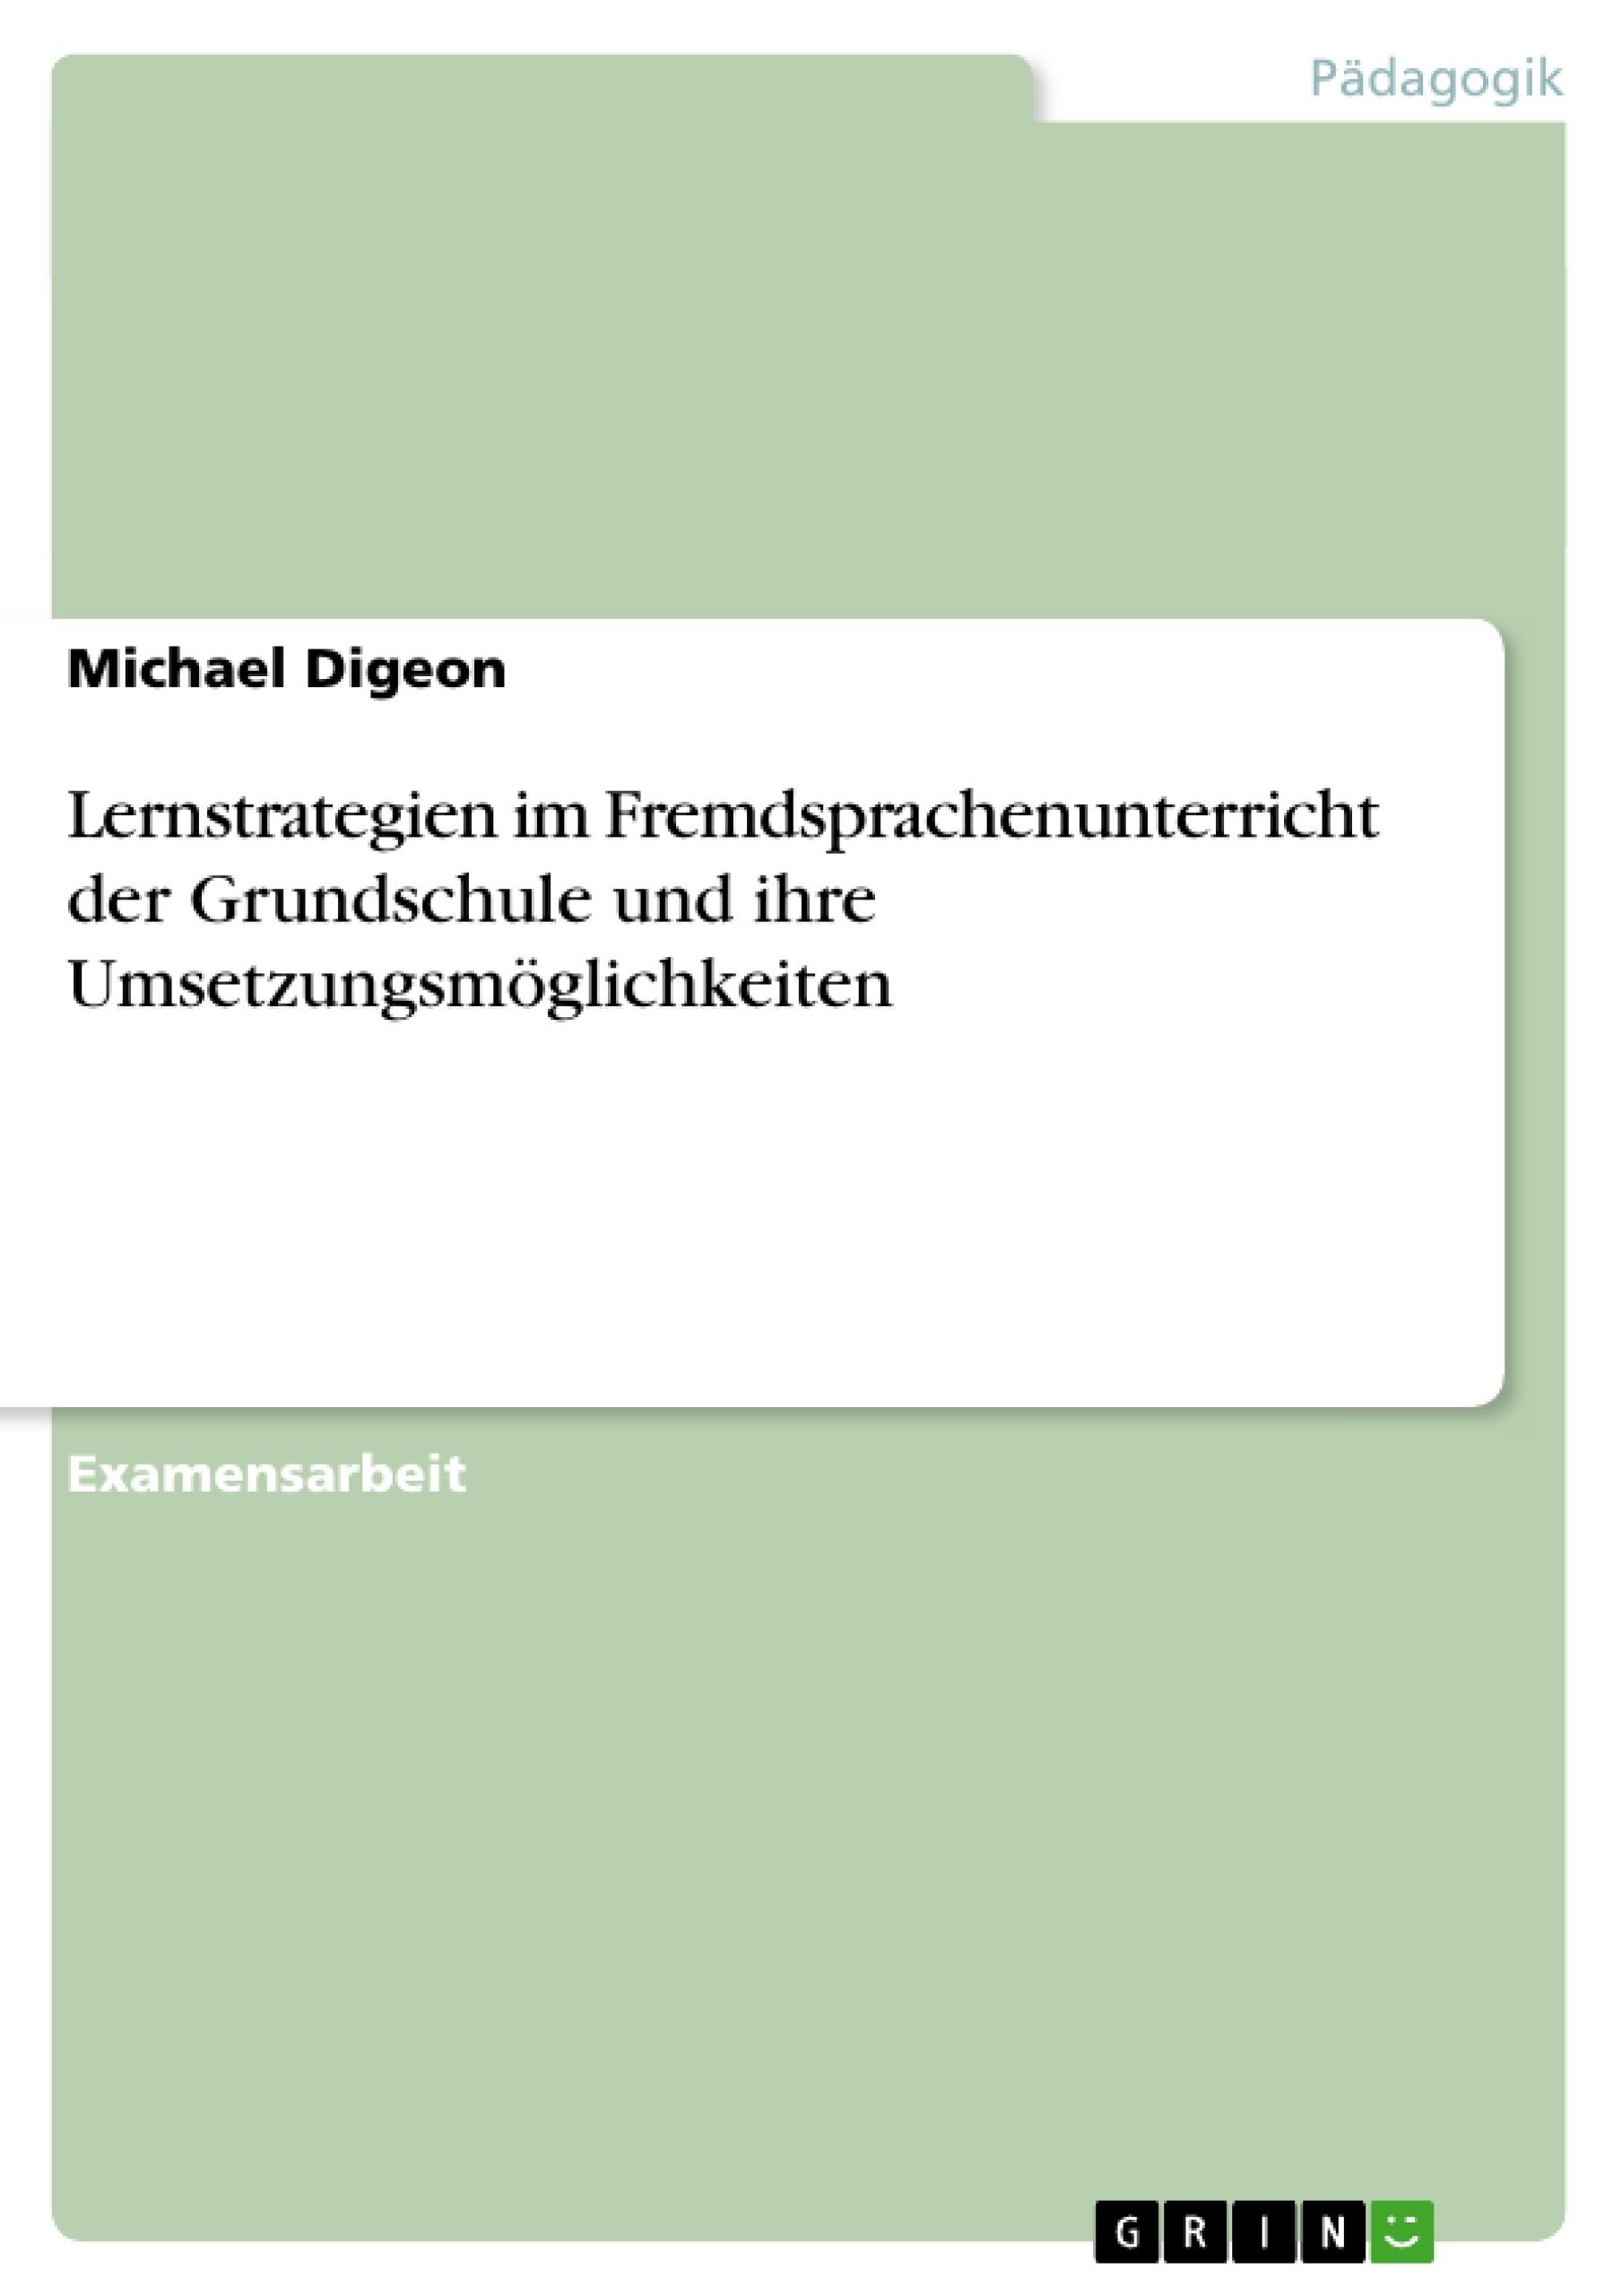 Titel: Lernstrategien im Fremdsprachenunterricht der Grundschule und ihre Umsetzungsmöglichkeiten